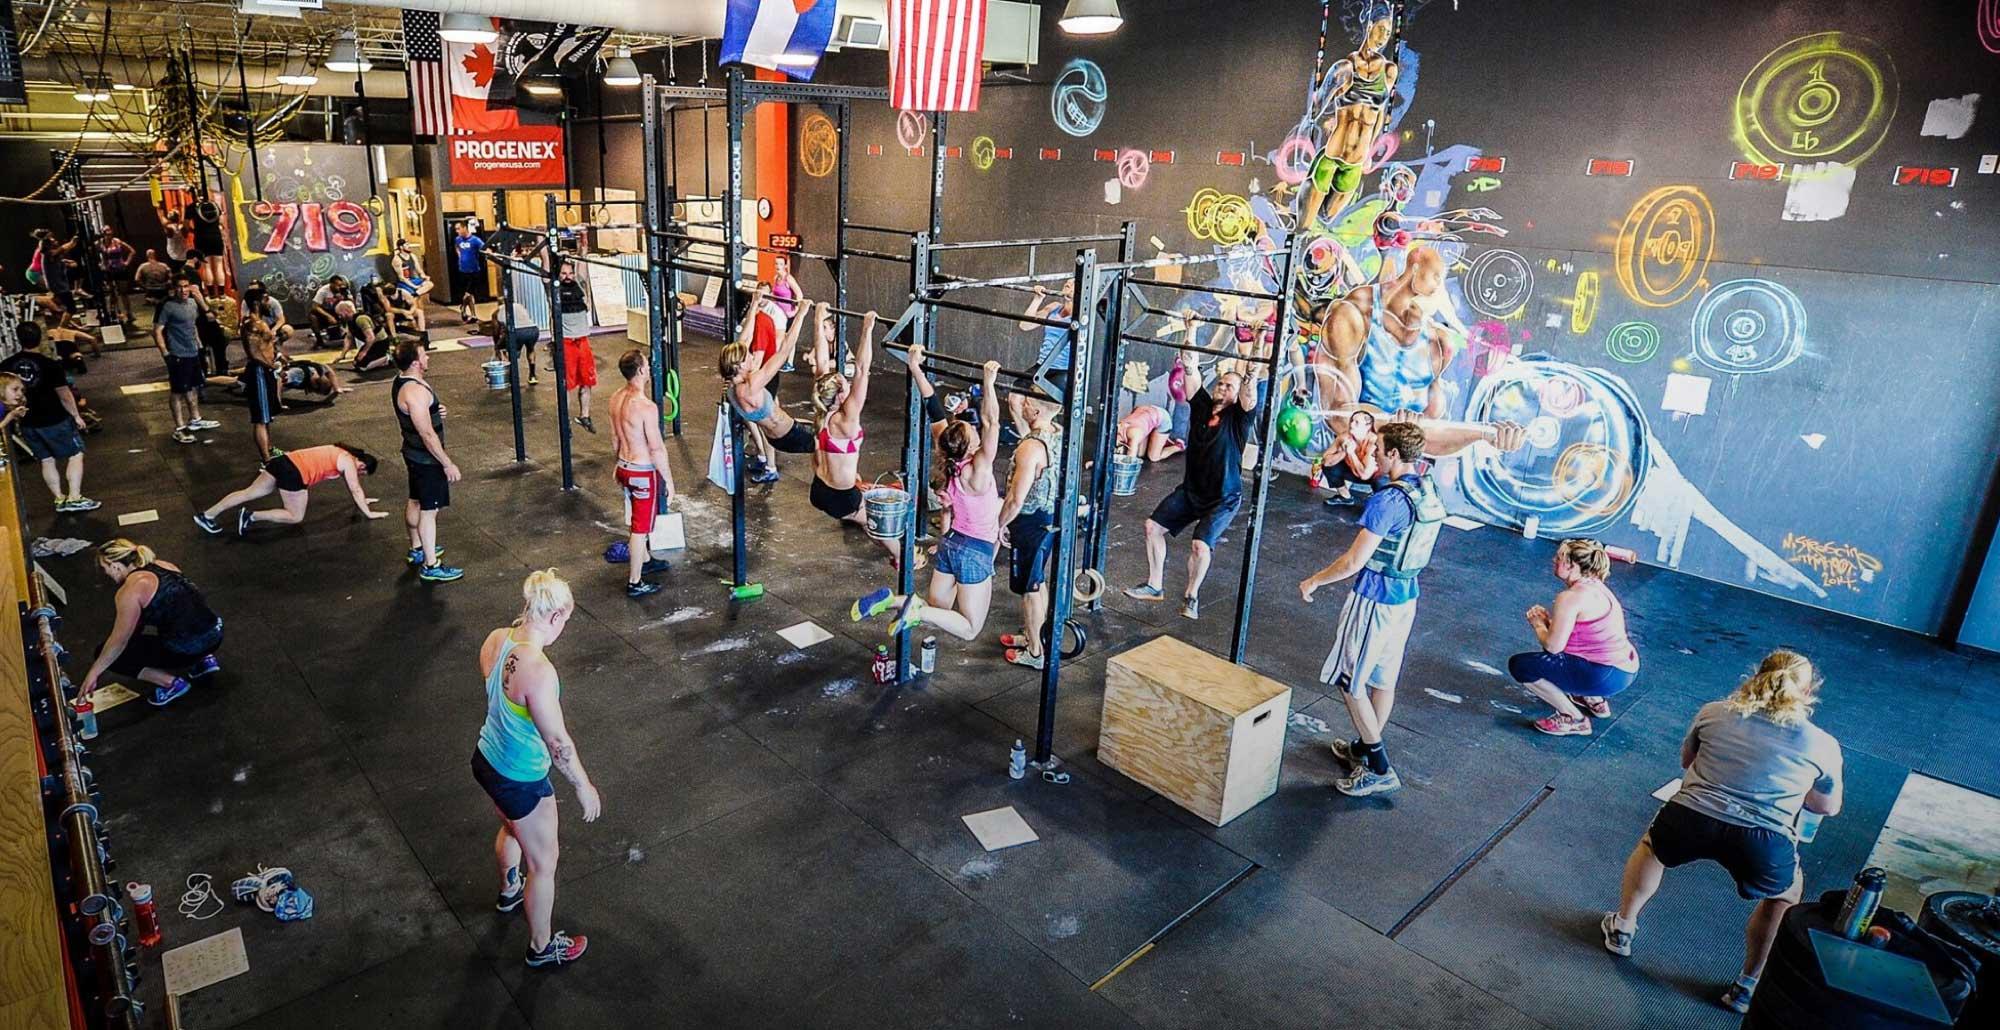 Top crossfit gyms in colorado springs